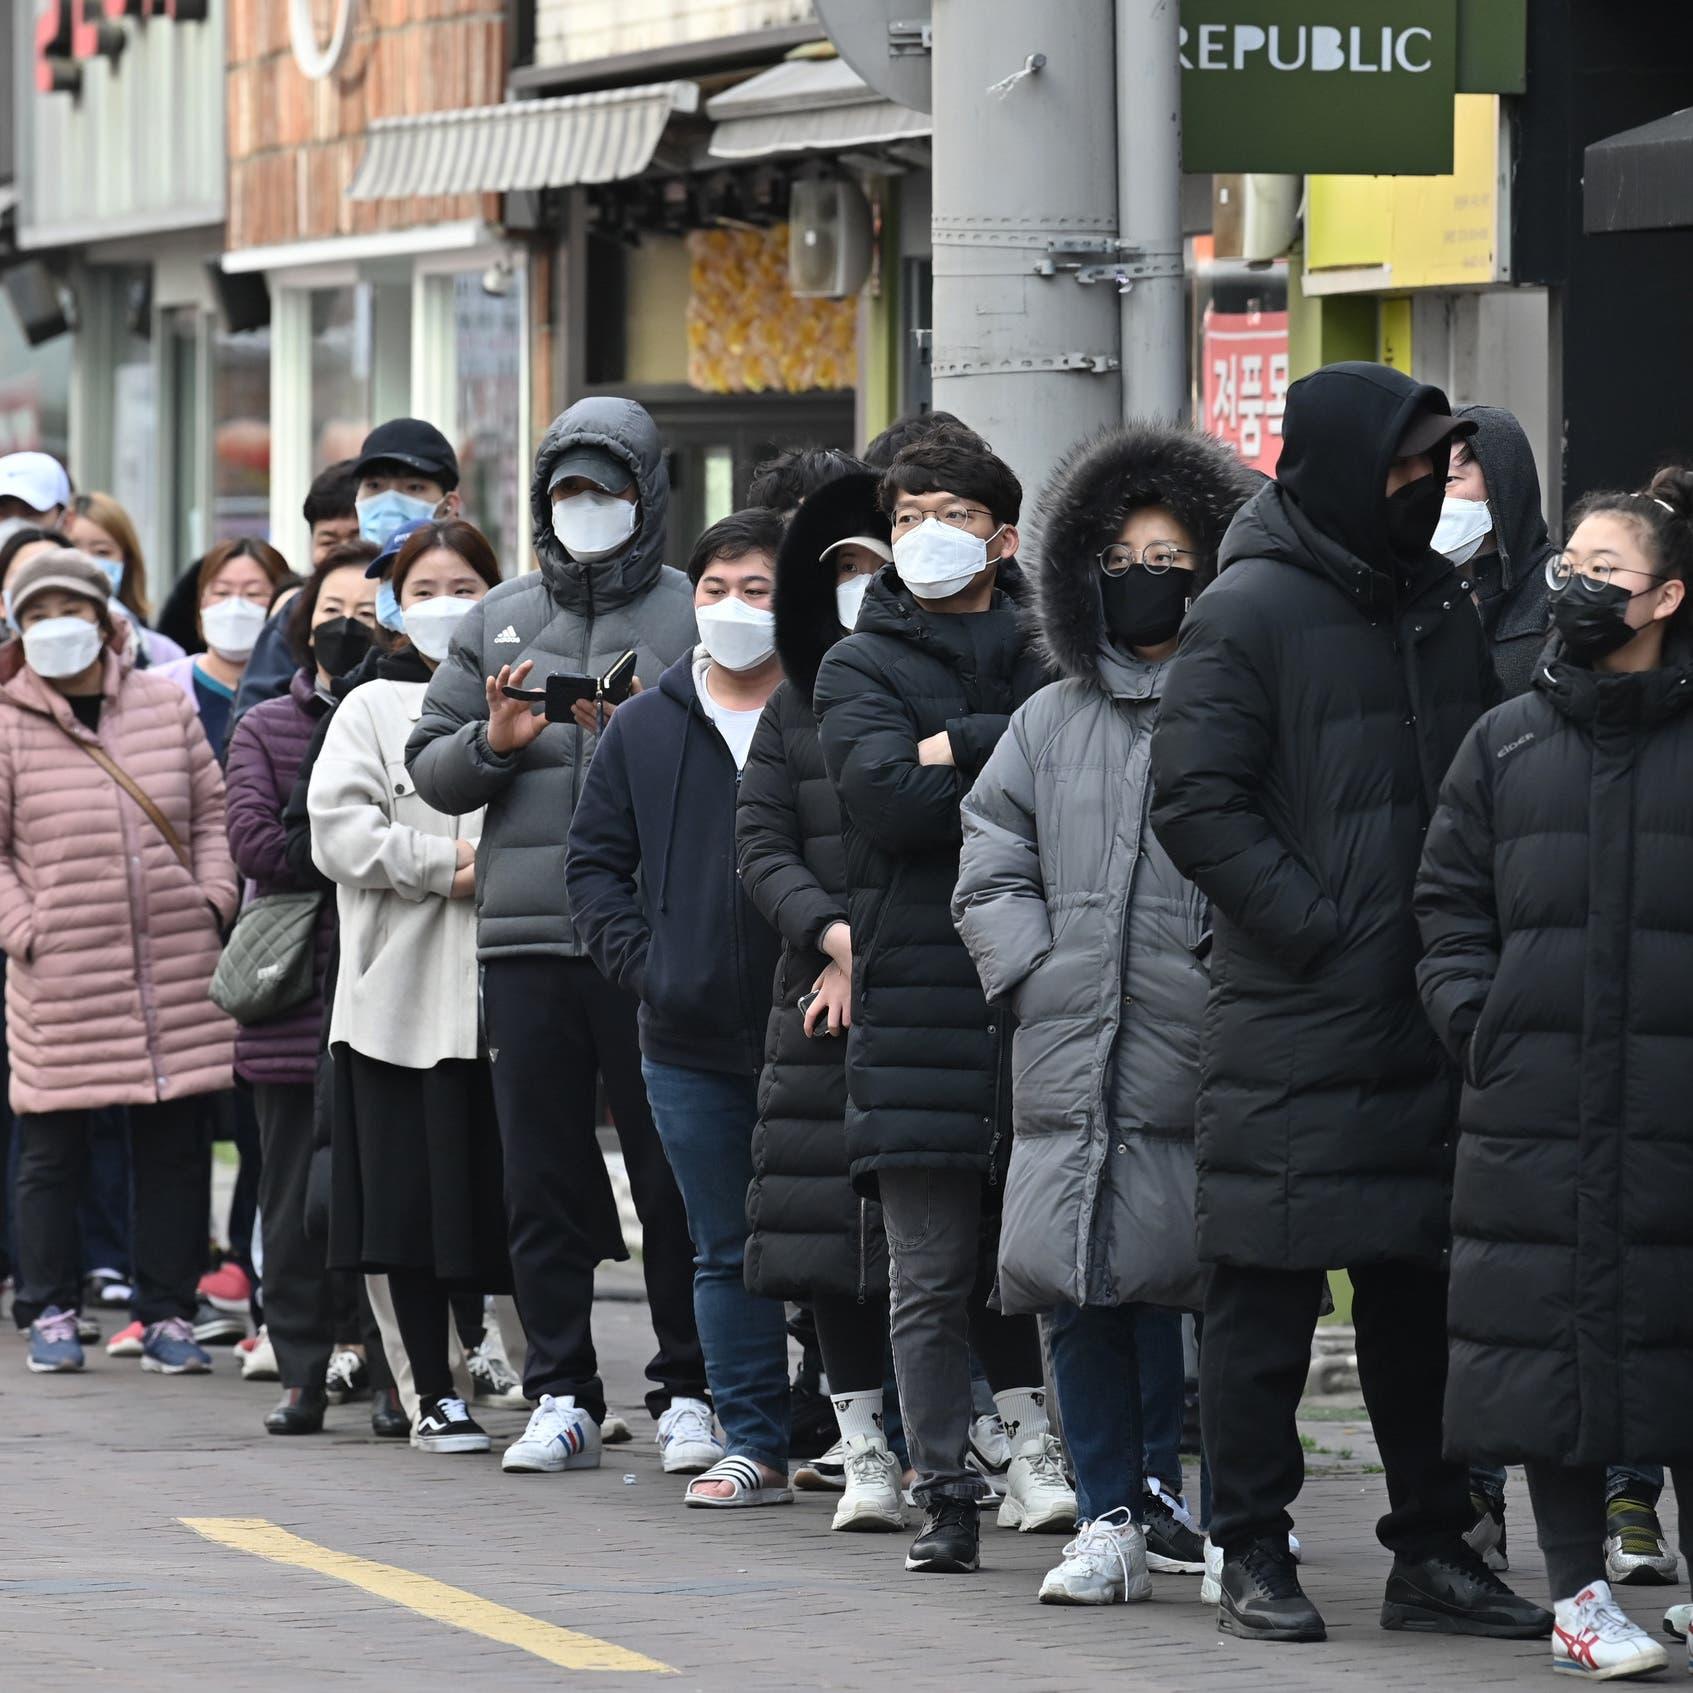 الفيروس يهاجم متعافين.. لماذا تشهد كوريا هذه الانتكاسة؟